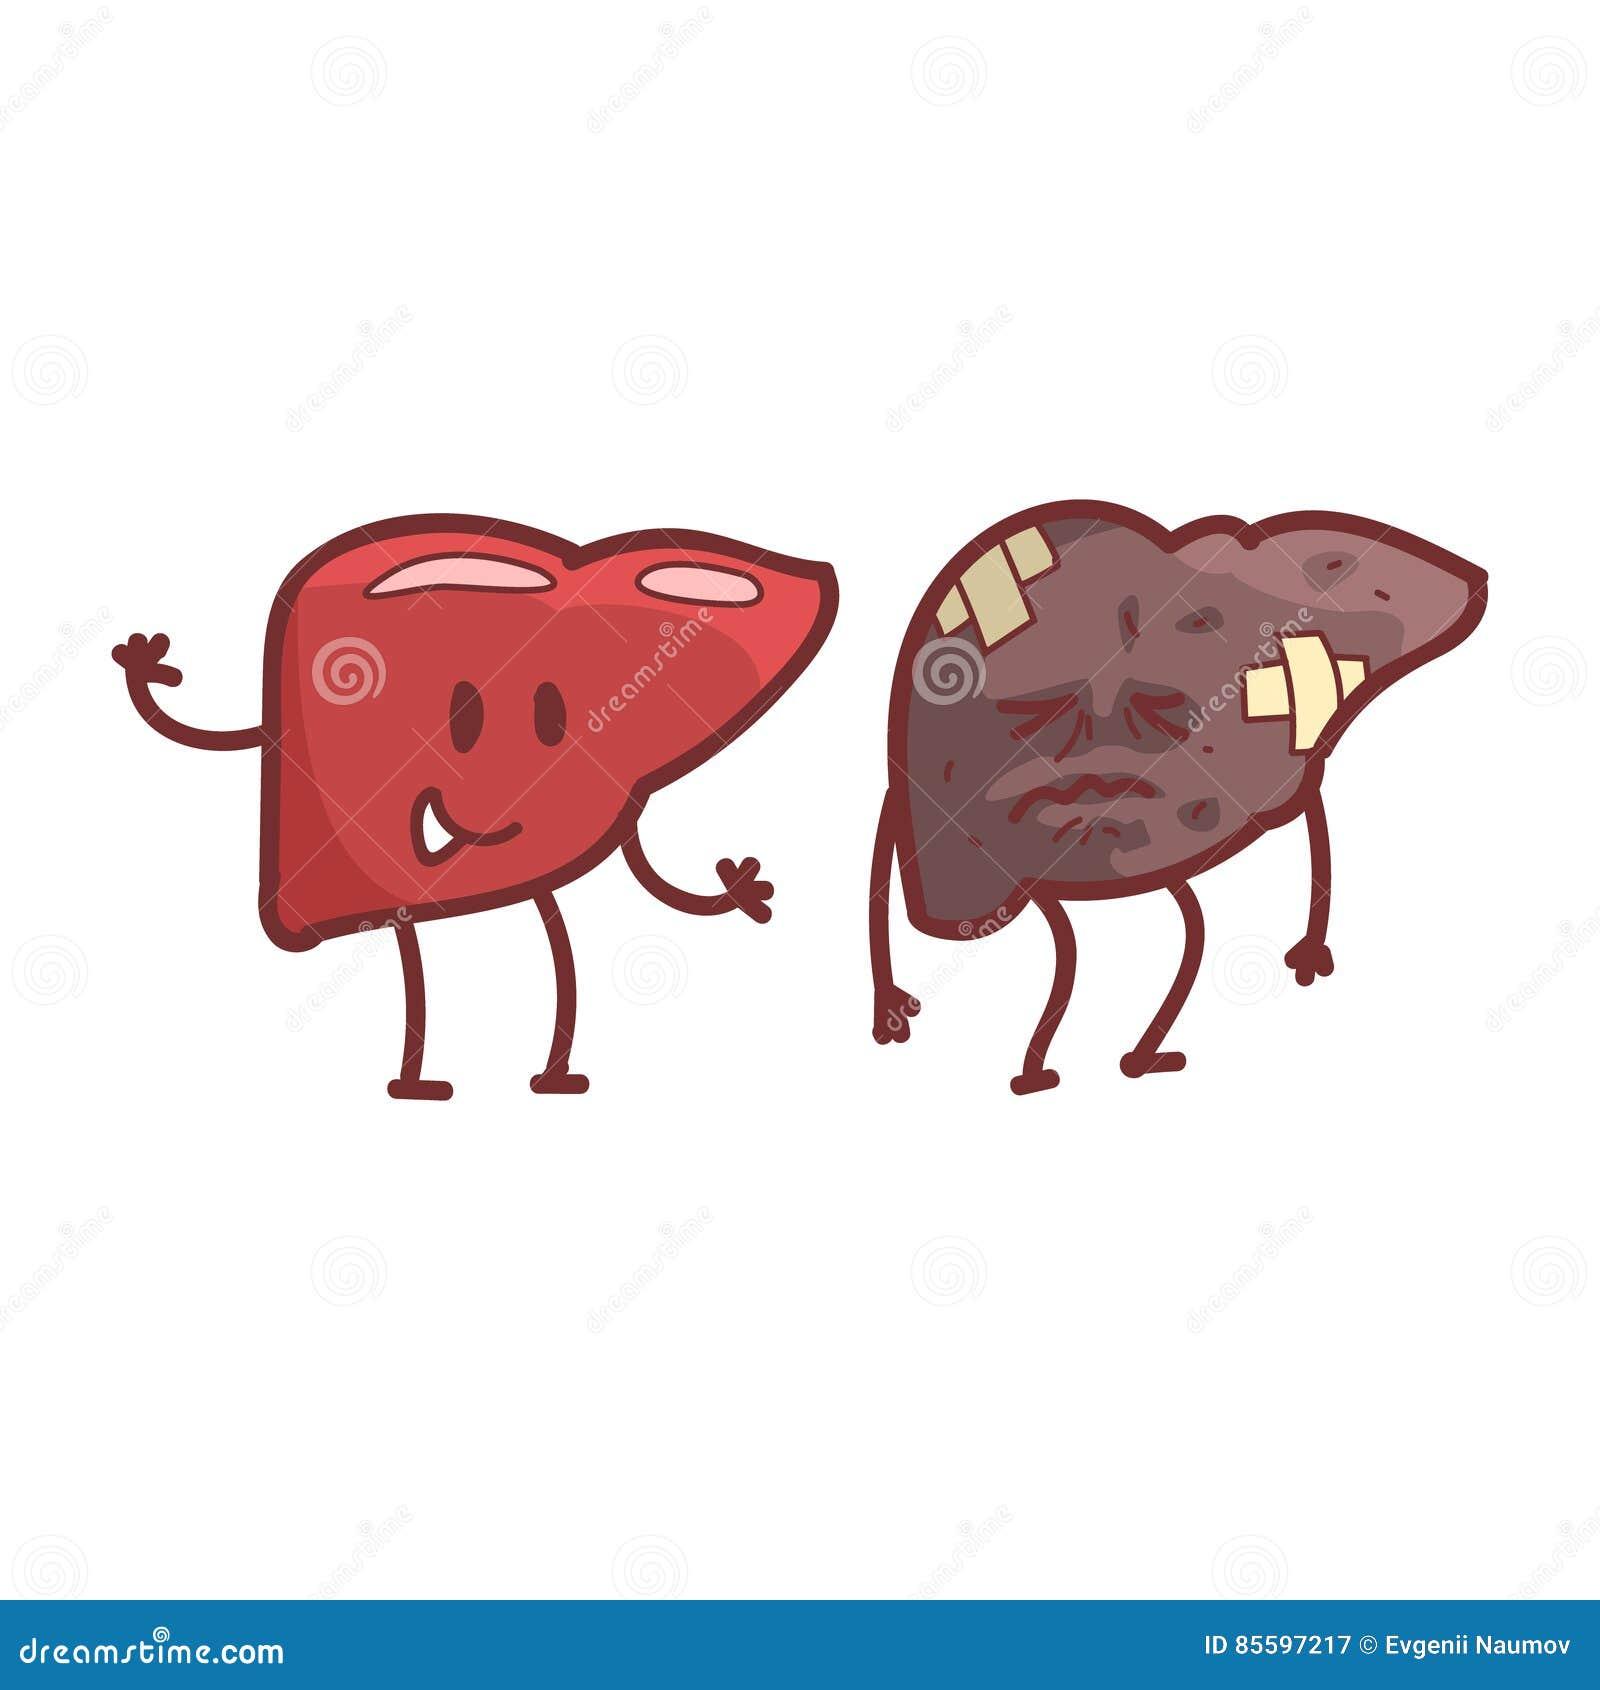 Liver Human Internal Organ Healthy Vs Unhealthy, Medical Anatomic ...